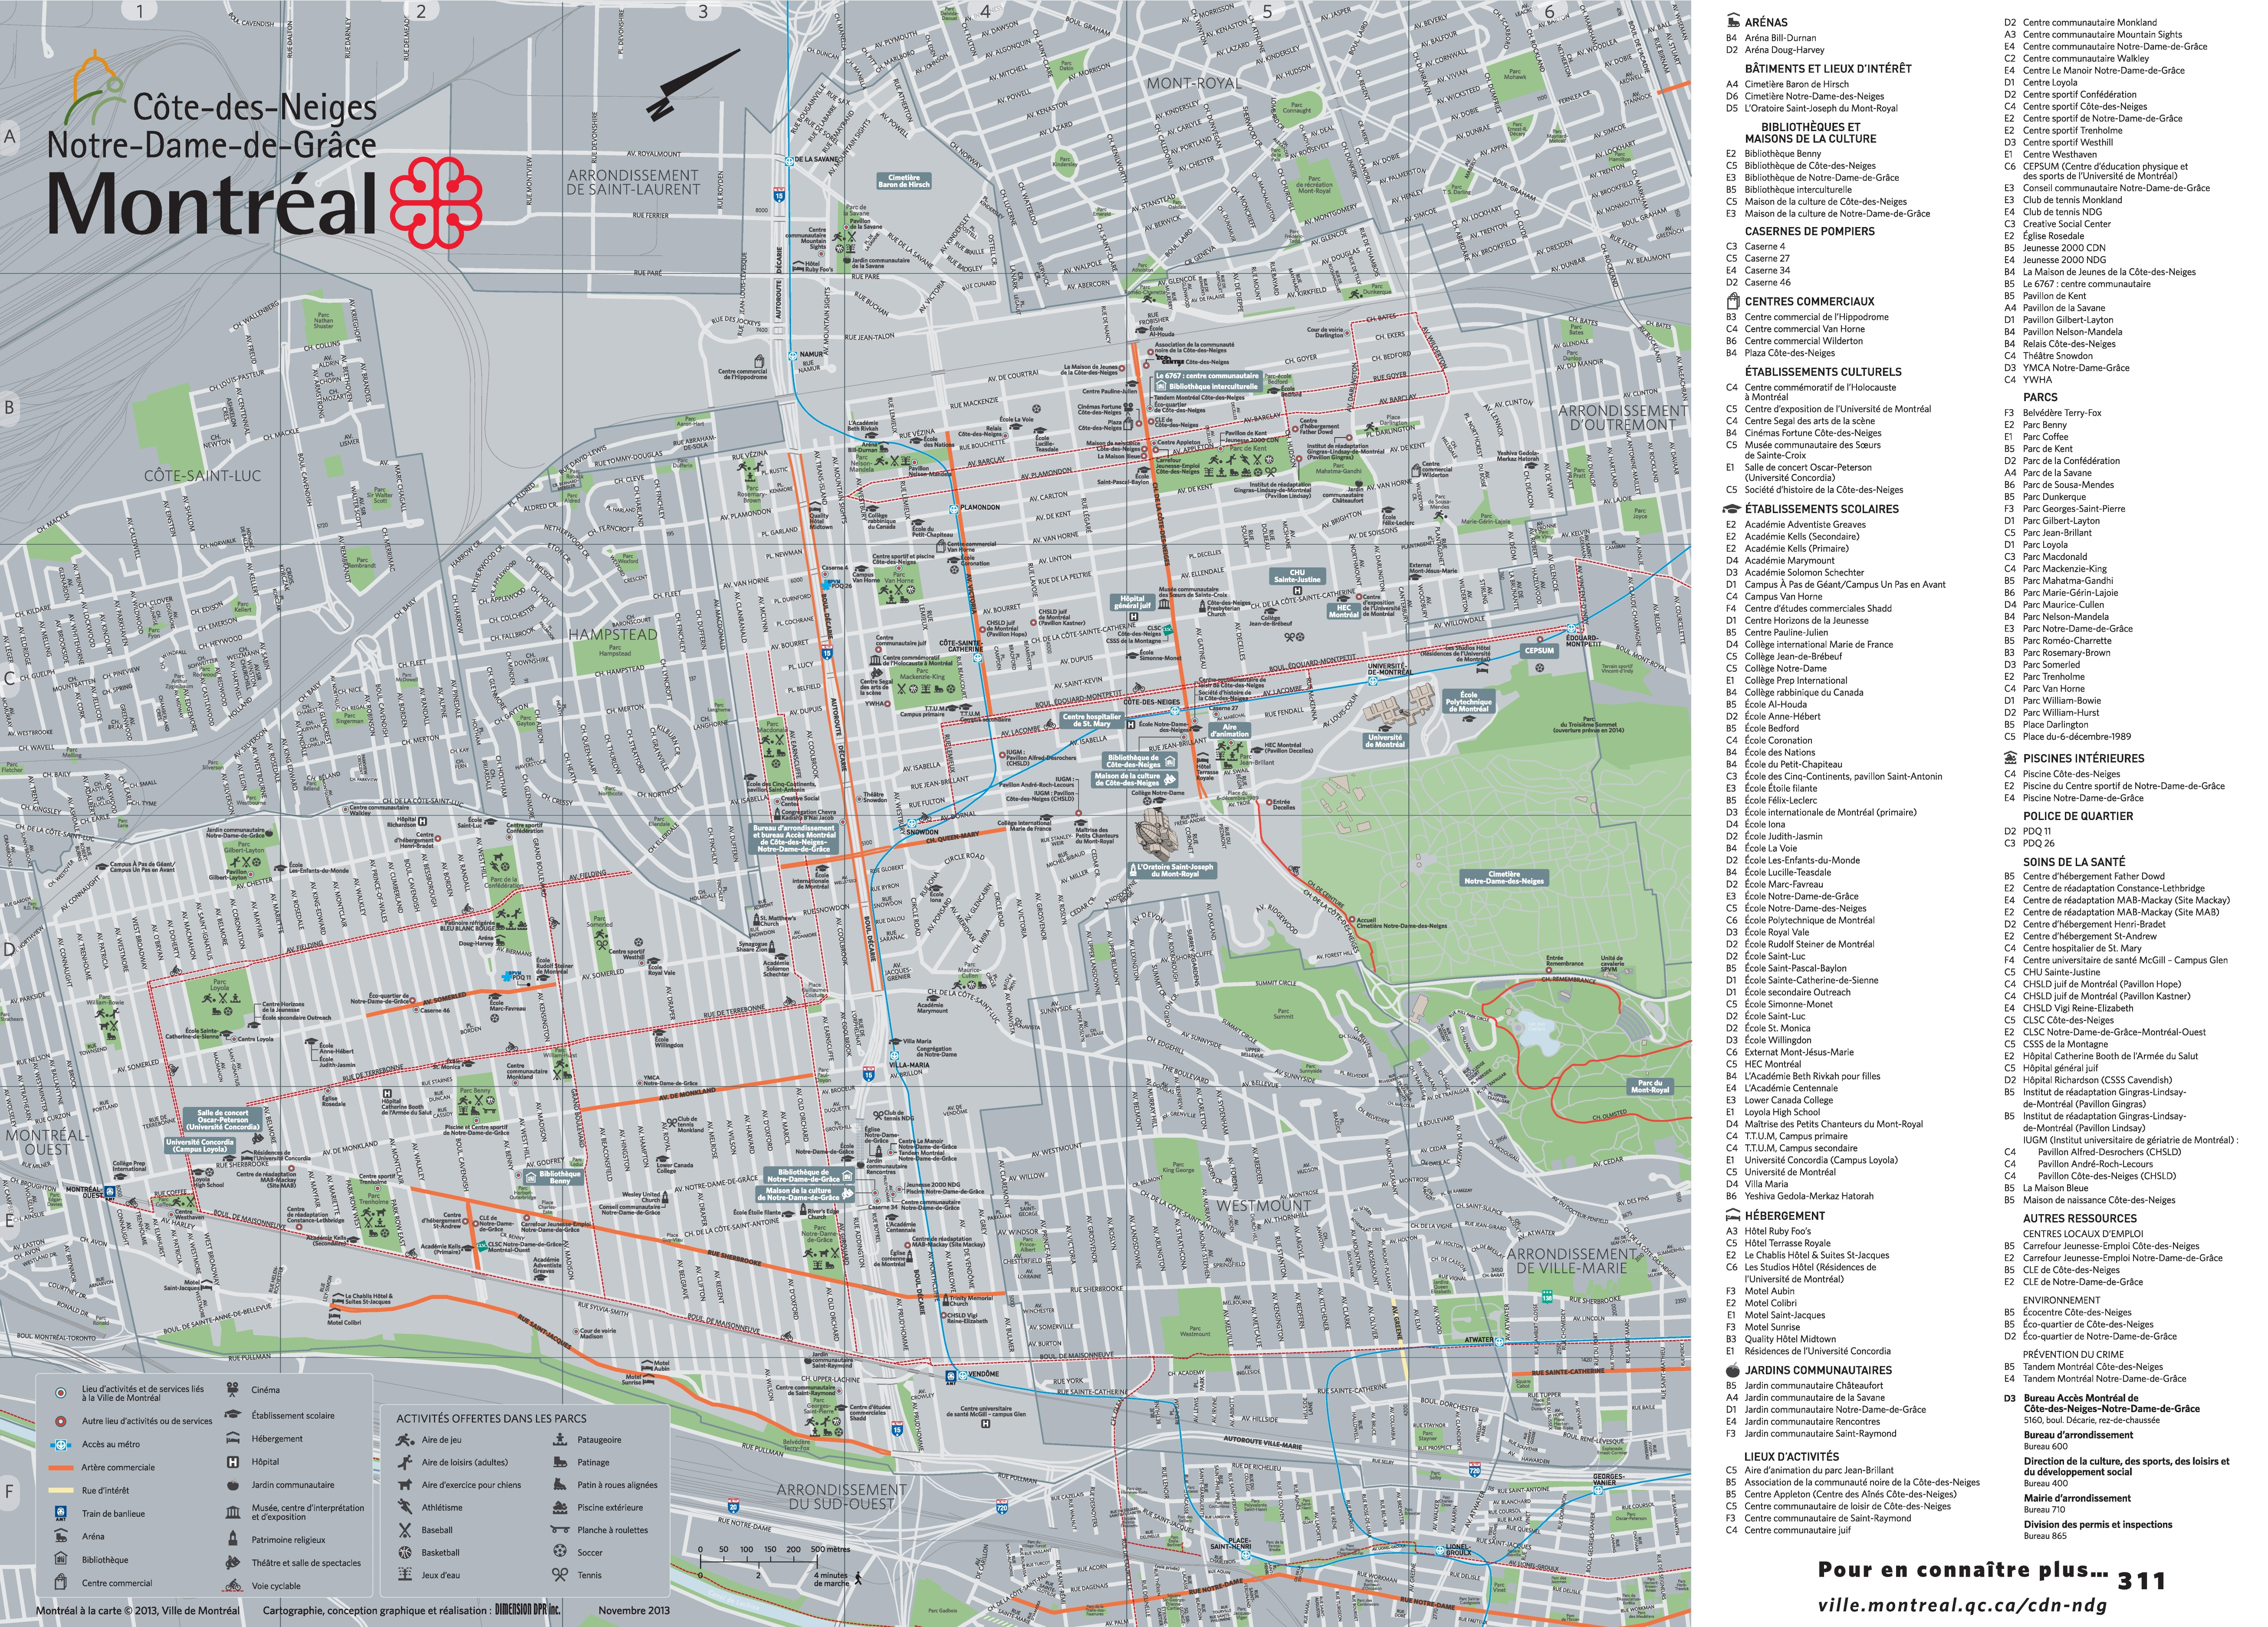 CtedesNeigesNotreDamedeGrce map